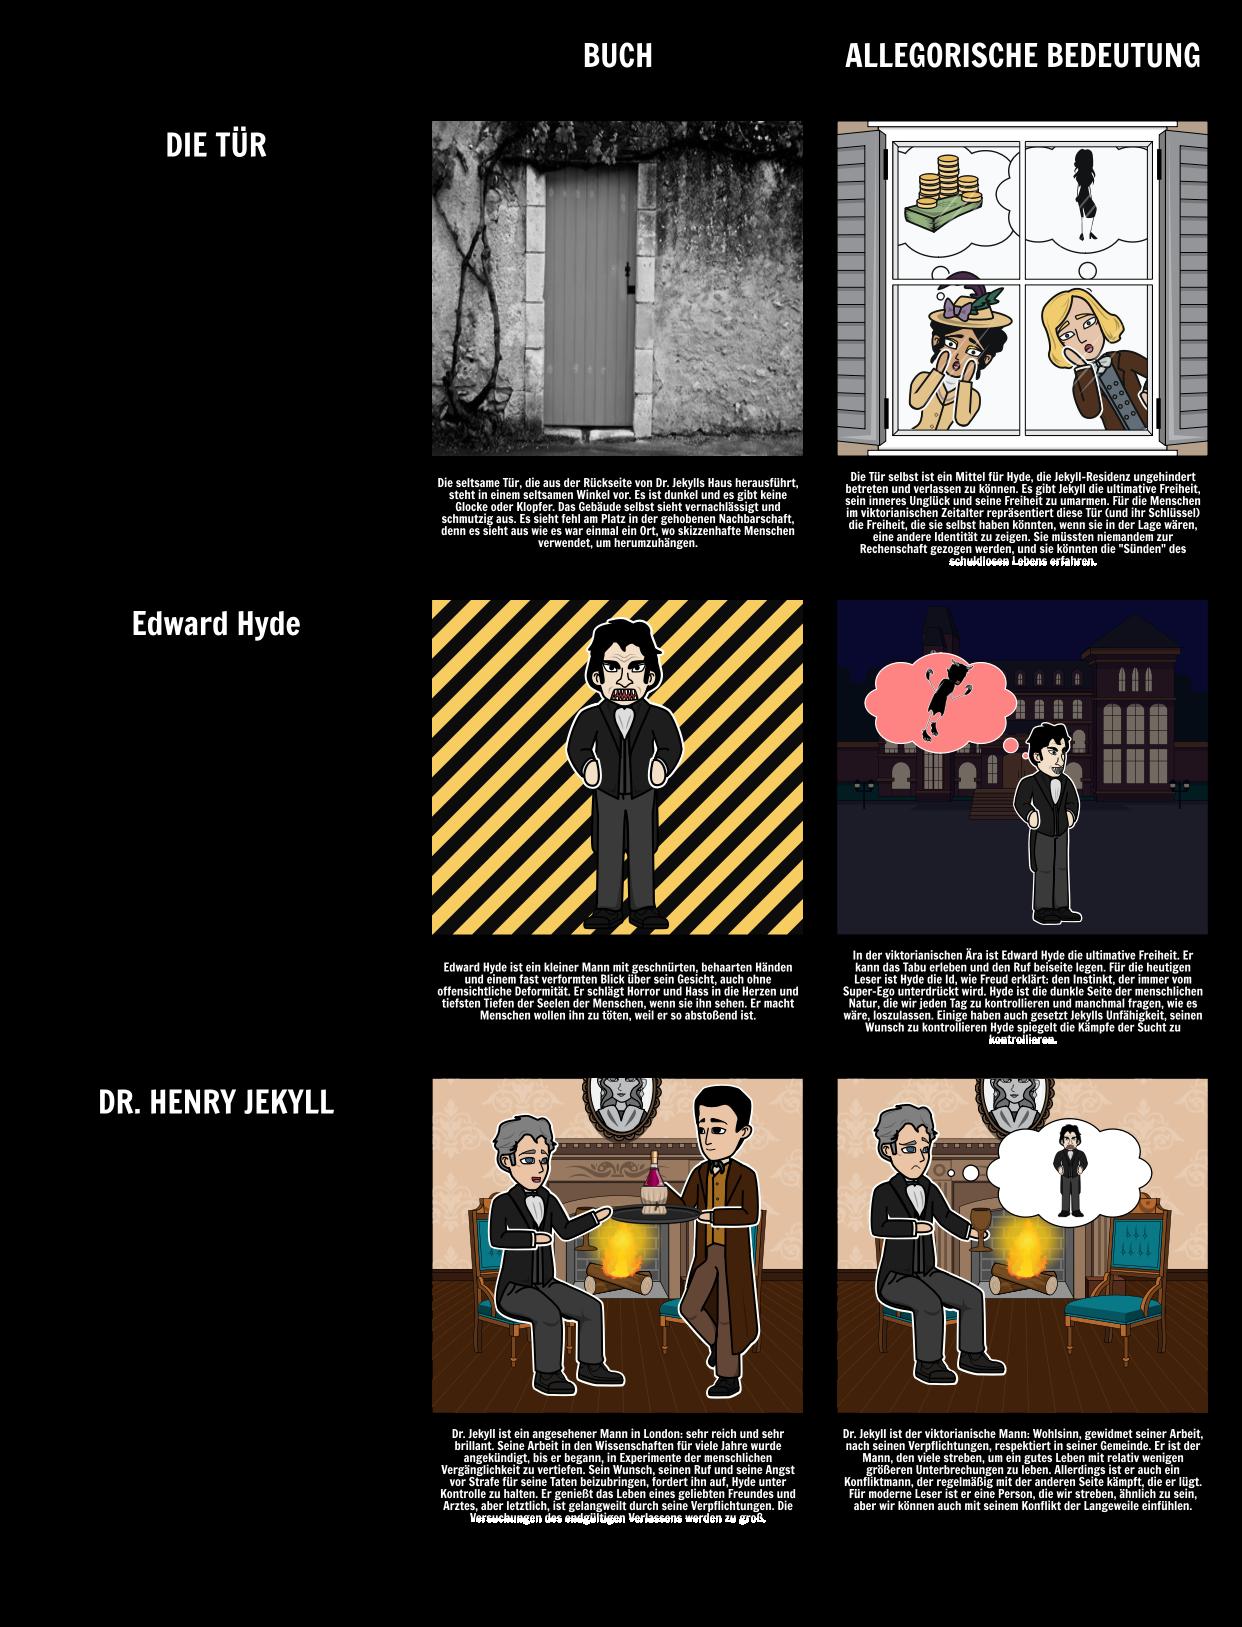 Allegorie in Dr. Jekyll und Herrn Hyde